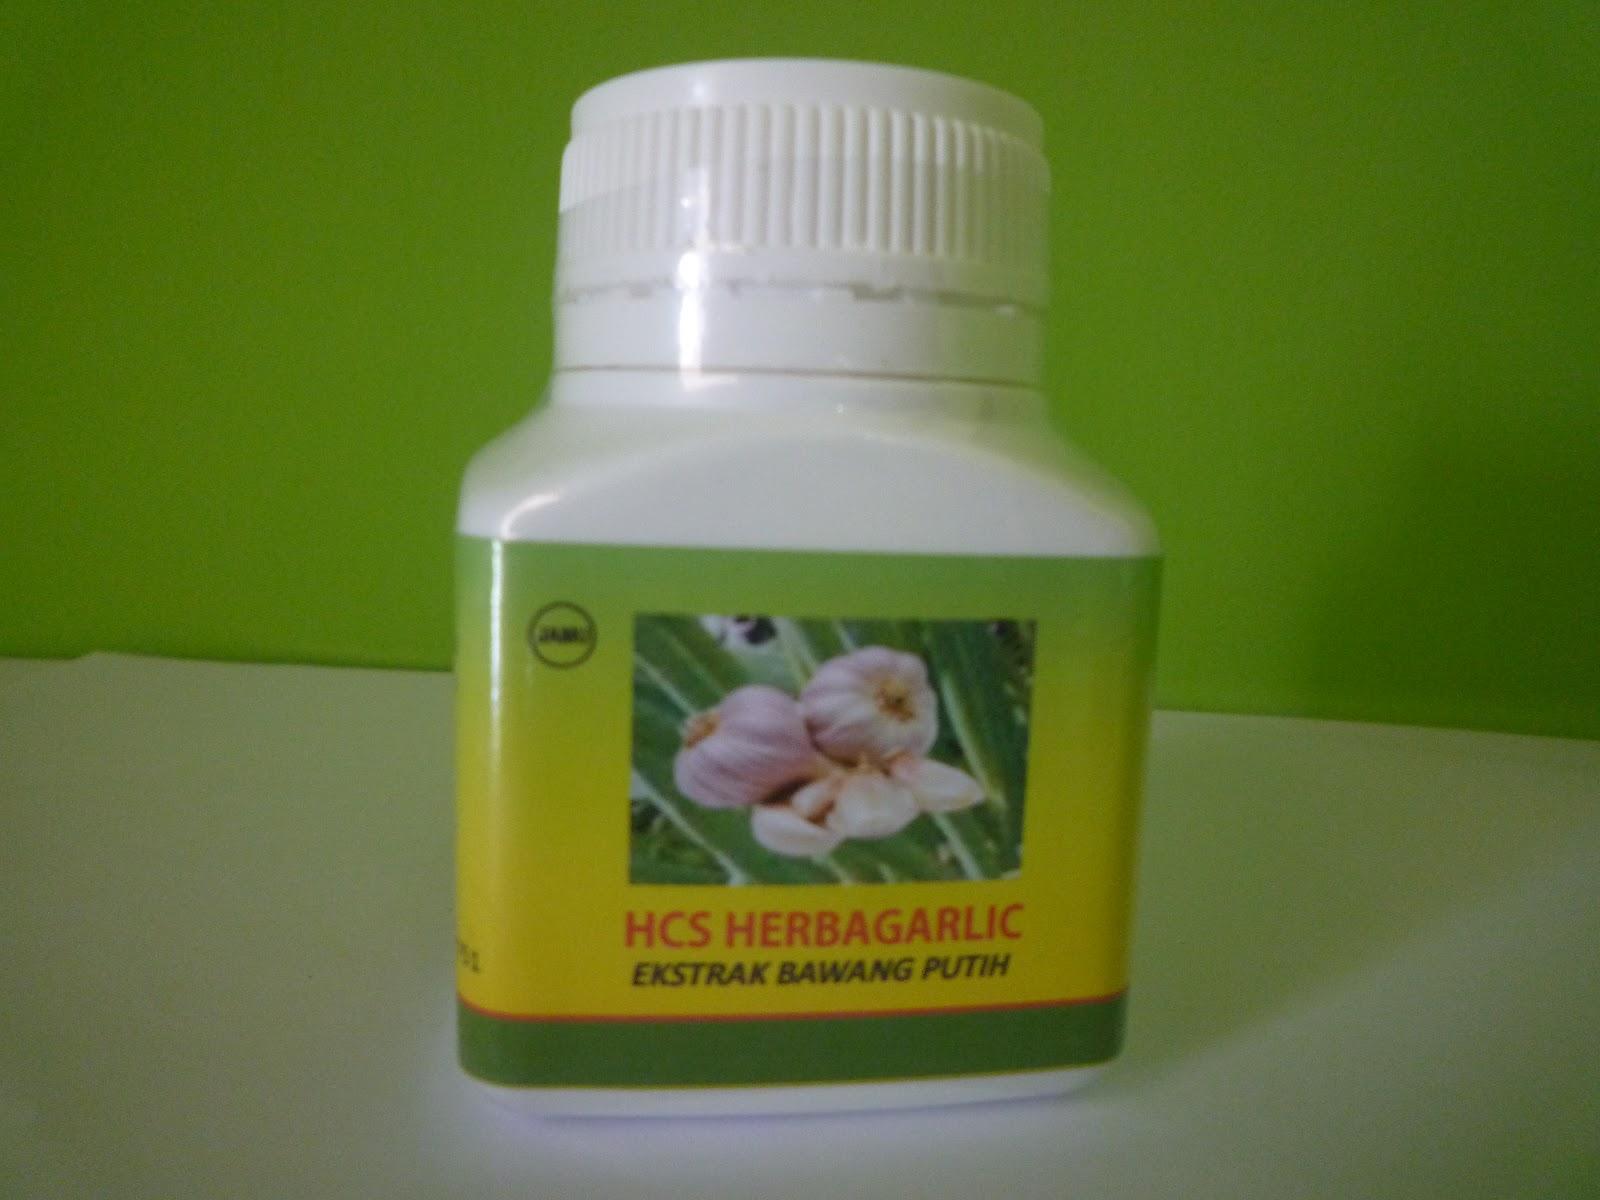 Ramuan herbal yang berasal Ektrak tumbuhan Sonchi Folium,orthosiphonis